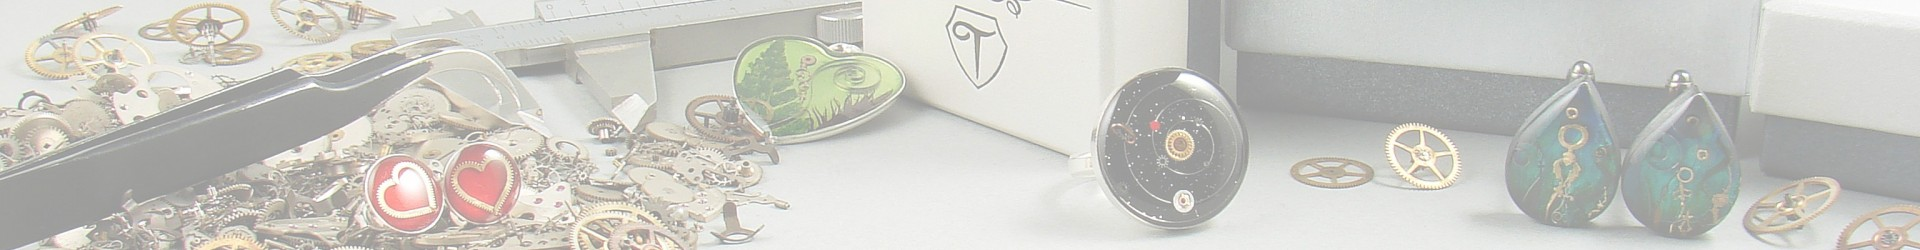 Metalowe zakładki do książek robione ręcznie ze stali nierdzewnej w kształcie mieczy